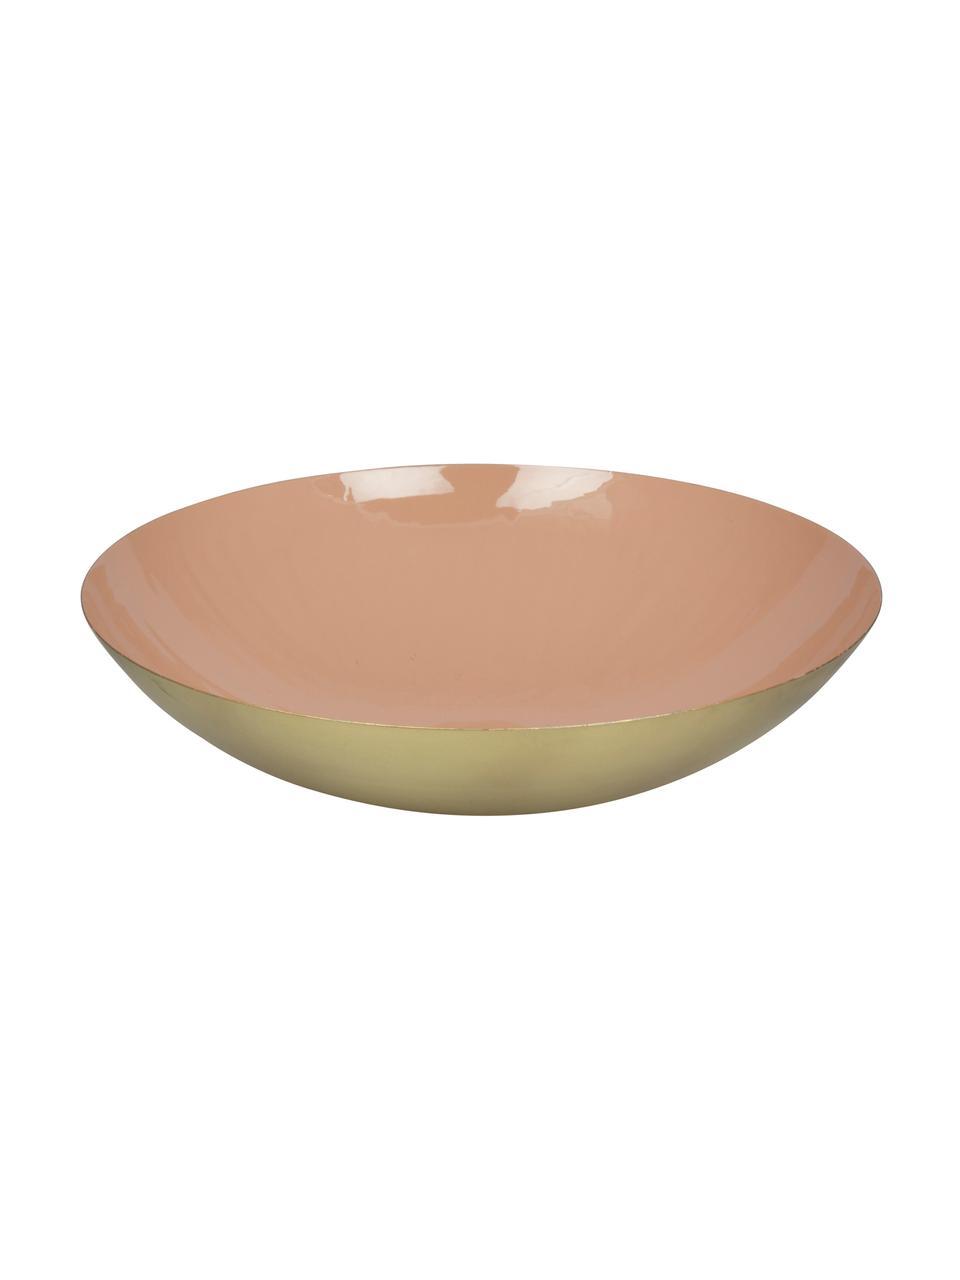 Miska do serwowania Julienne, Metal powlekany, Wewnątrz: brzoskwiniowy na zewnątrz: odcienie złotego, Ø 34 x W 9 cm